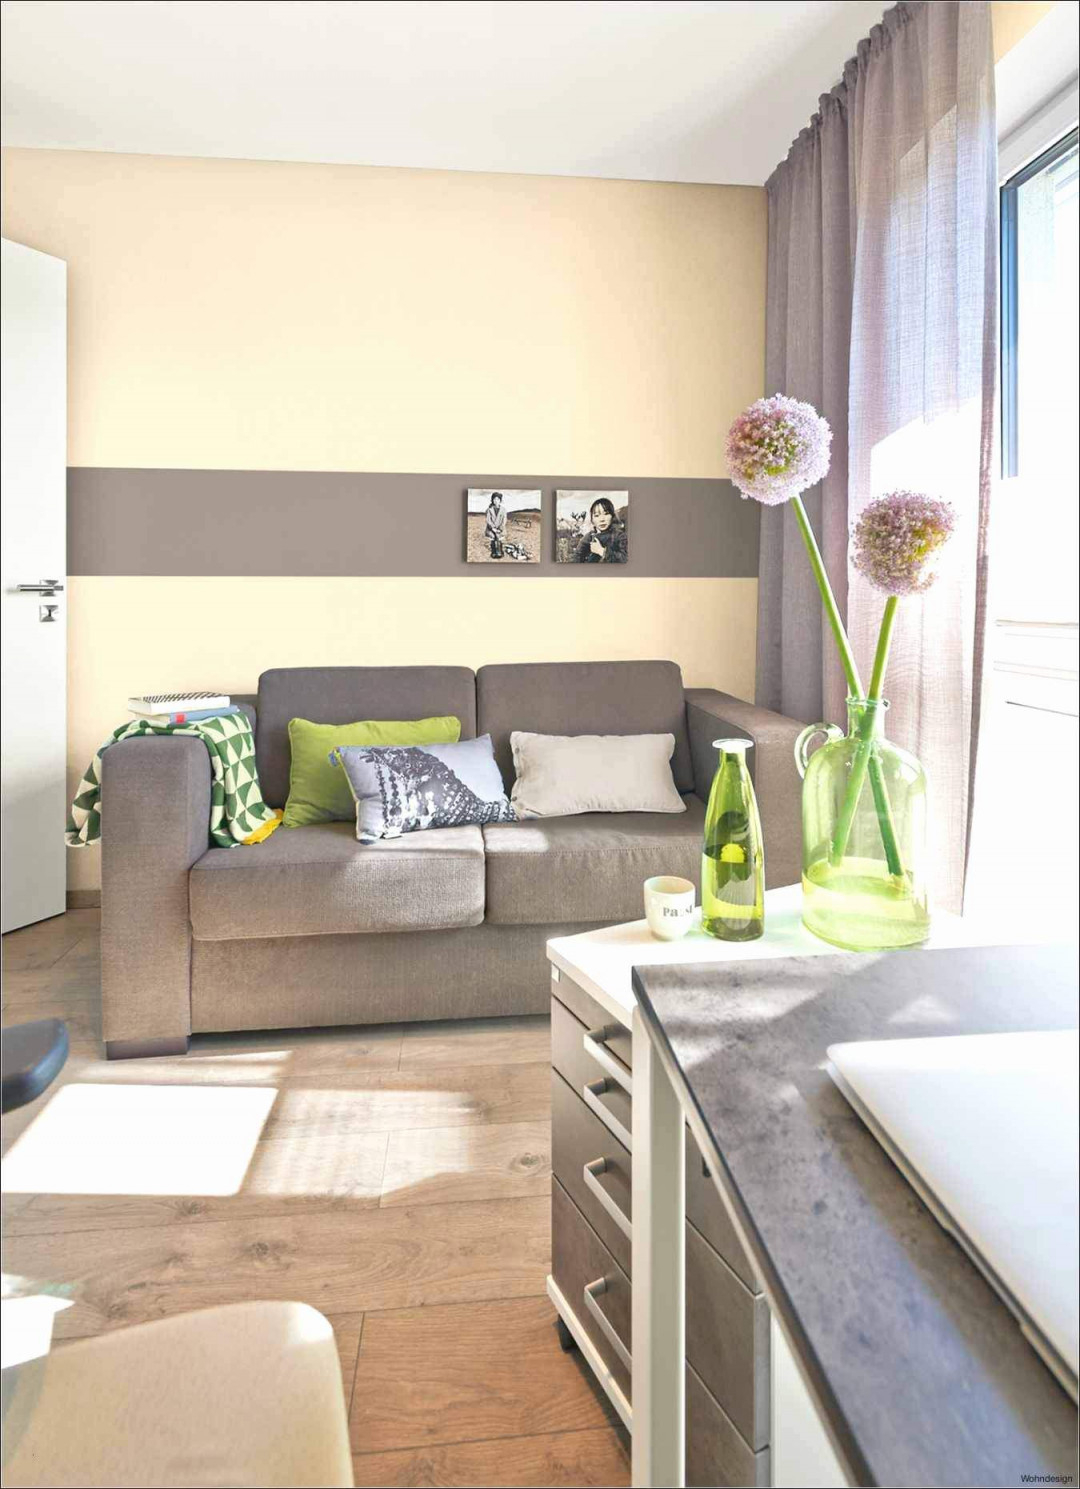 Wohnzimmer Ideen Für Kleine Räume Schön Inspirational von Wohnzimmer Ideen Kleine Räume Photo